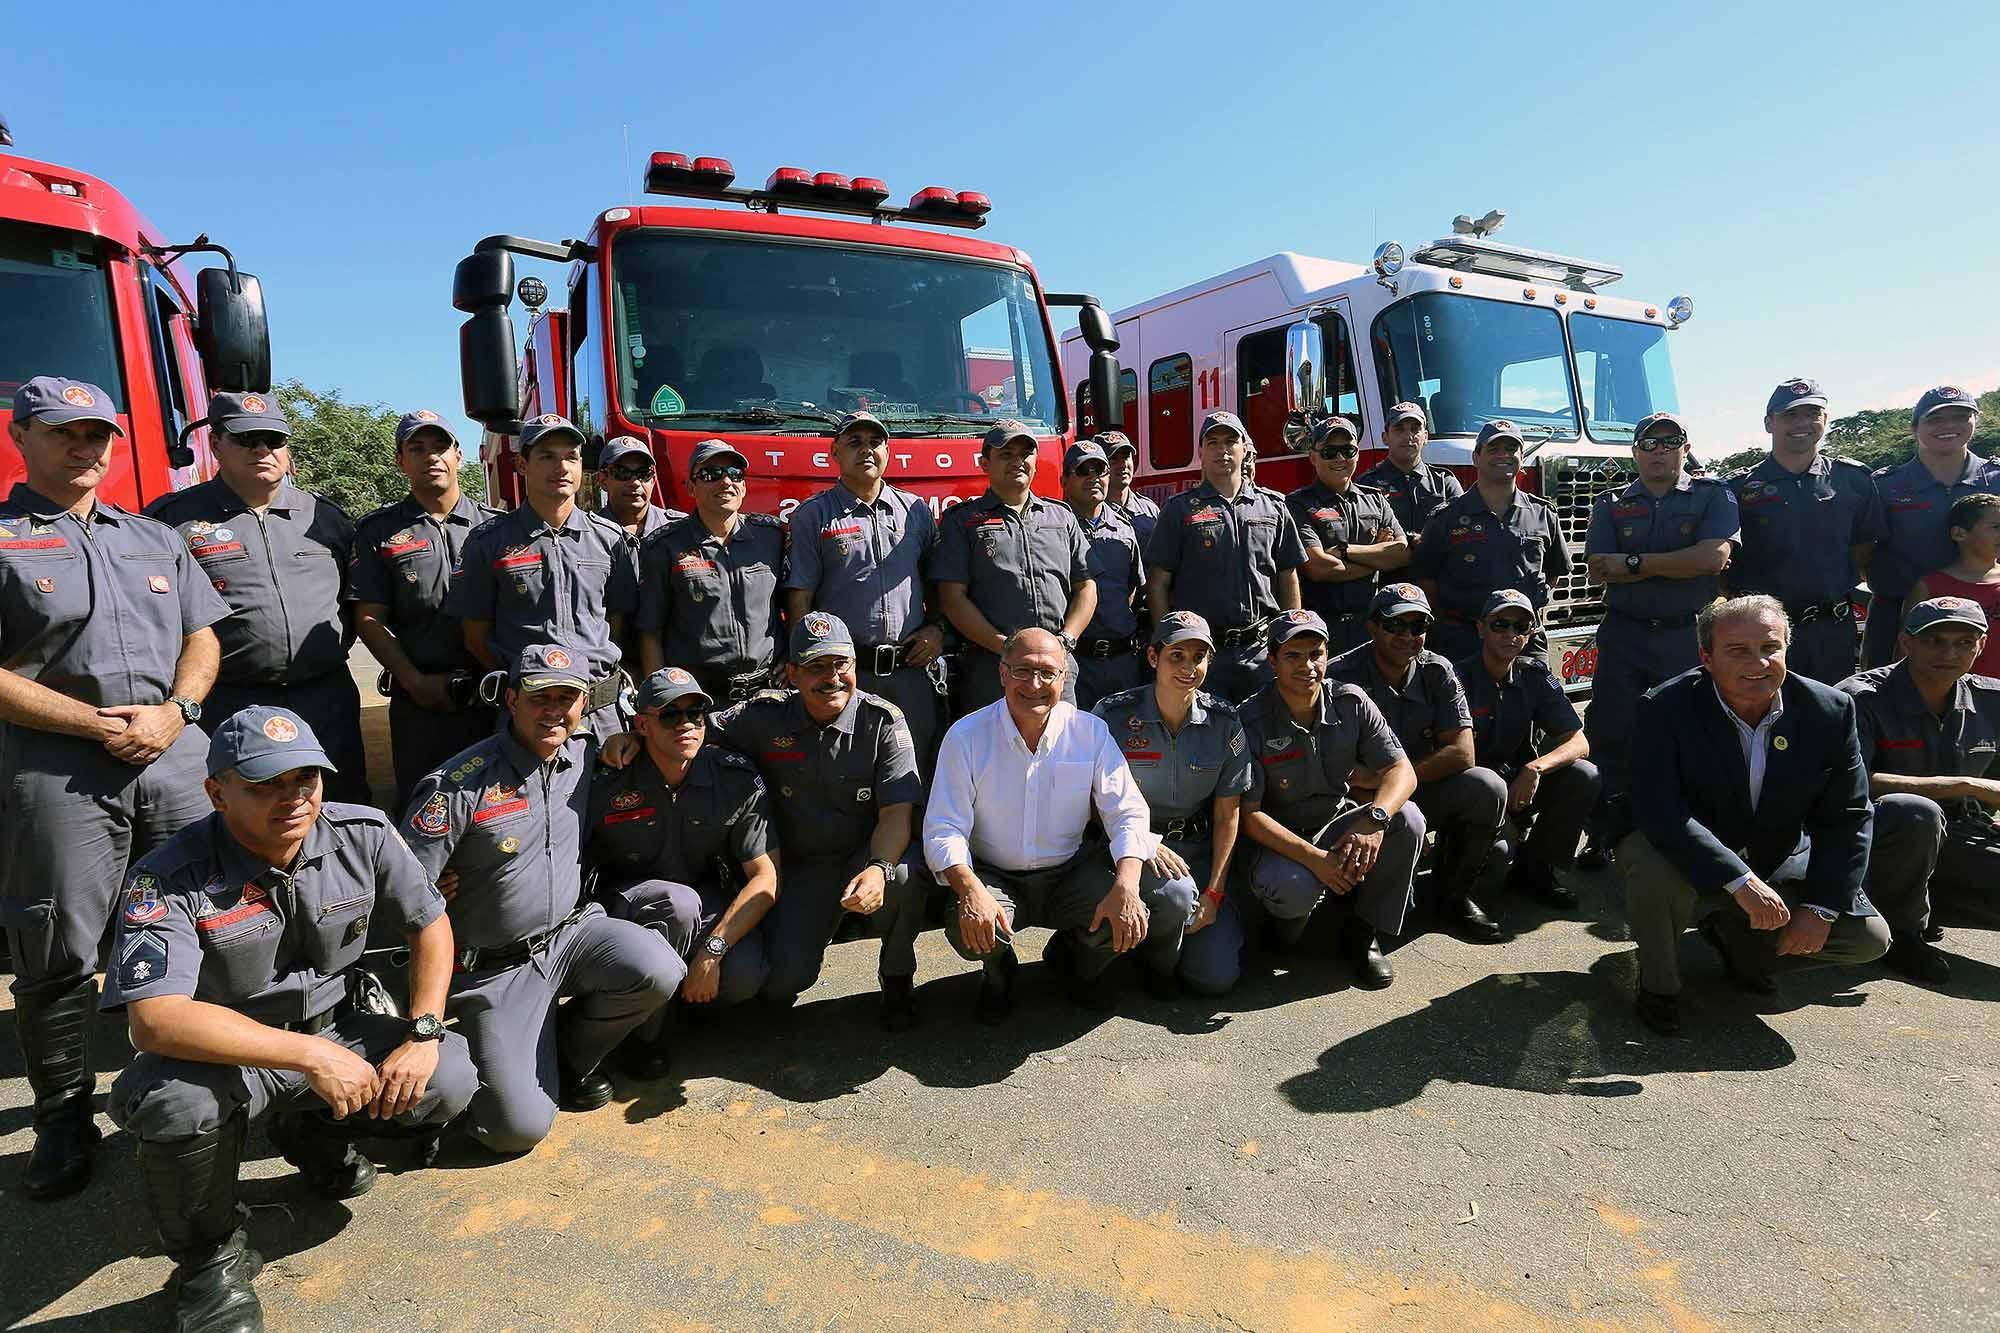 Bombeiros do Vale do Paraíba recebem novas viaturas e equipamentos